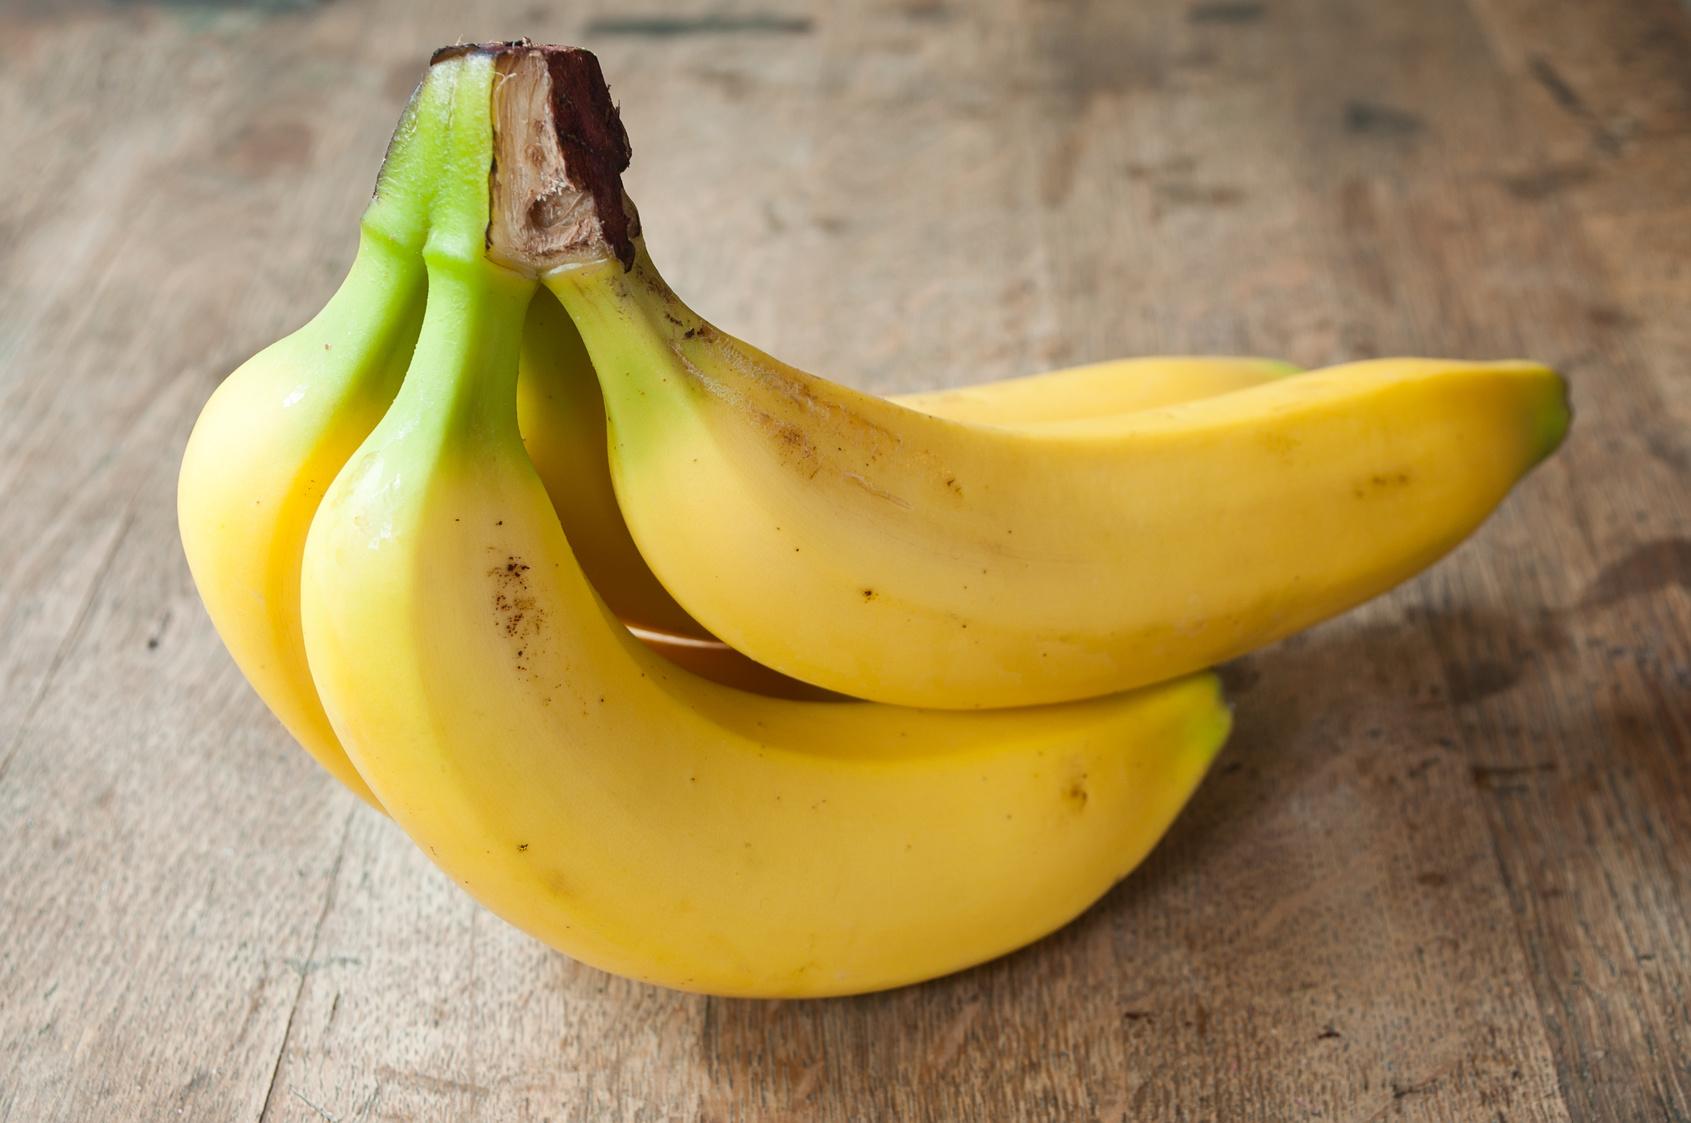 Come Coltivare Un Banano banane: i segreti sul lungo viaggio, conservazione e maturazione